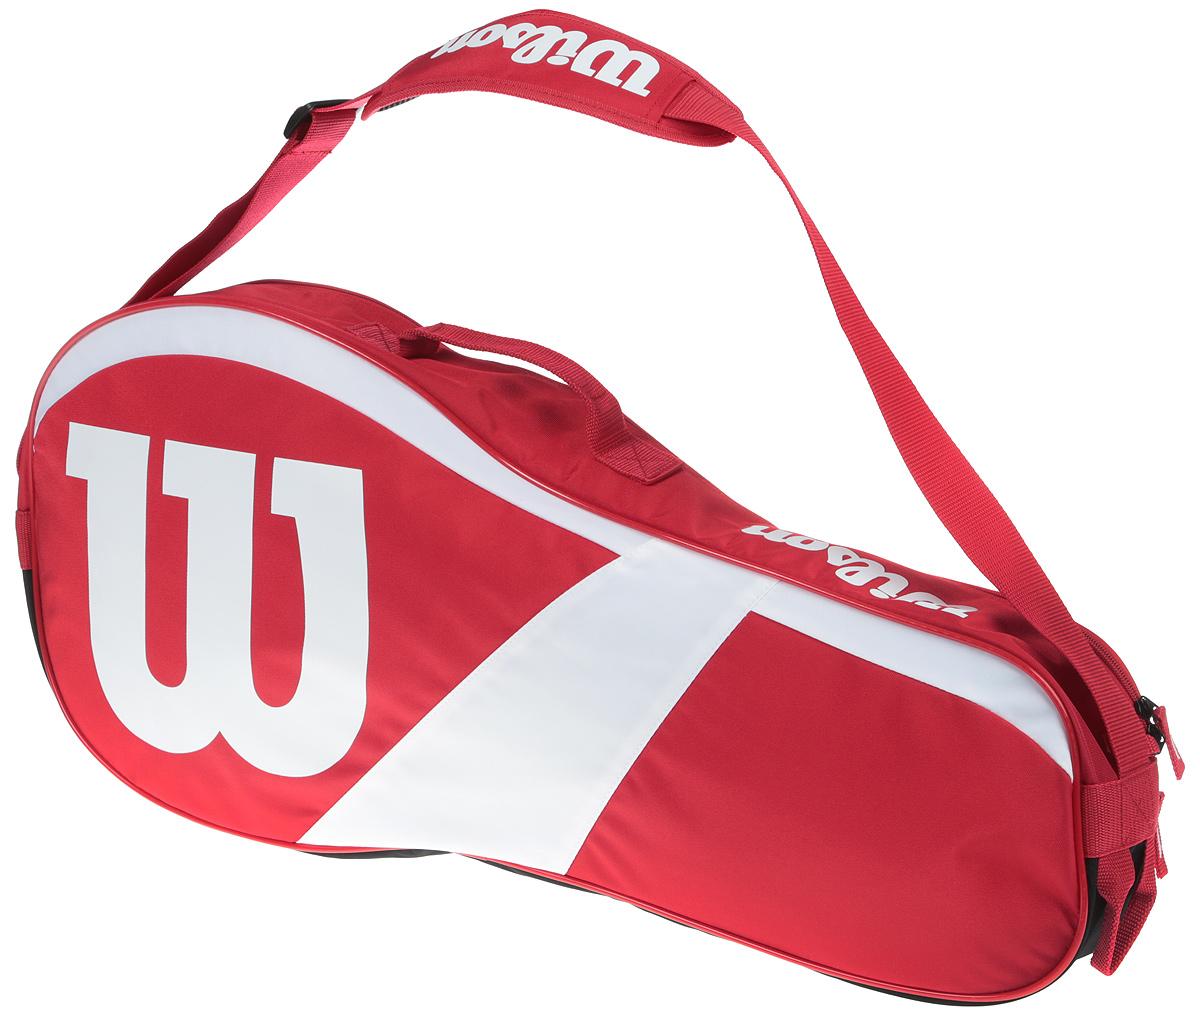 Сумка для теннисных ракеток Wilson Match Iii 3 Pack Rdwh сумка для ракеток larsen wb020d красный